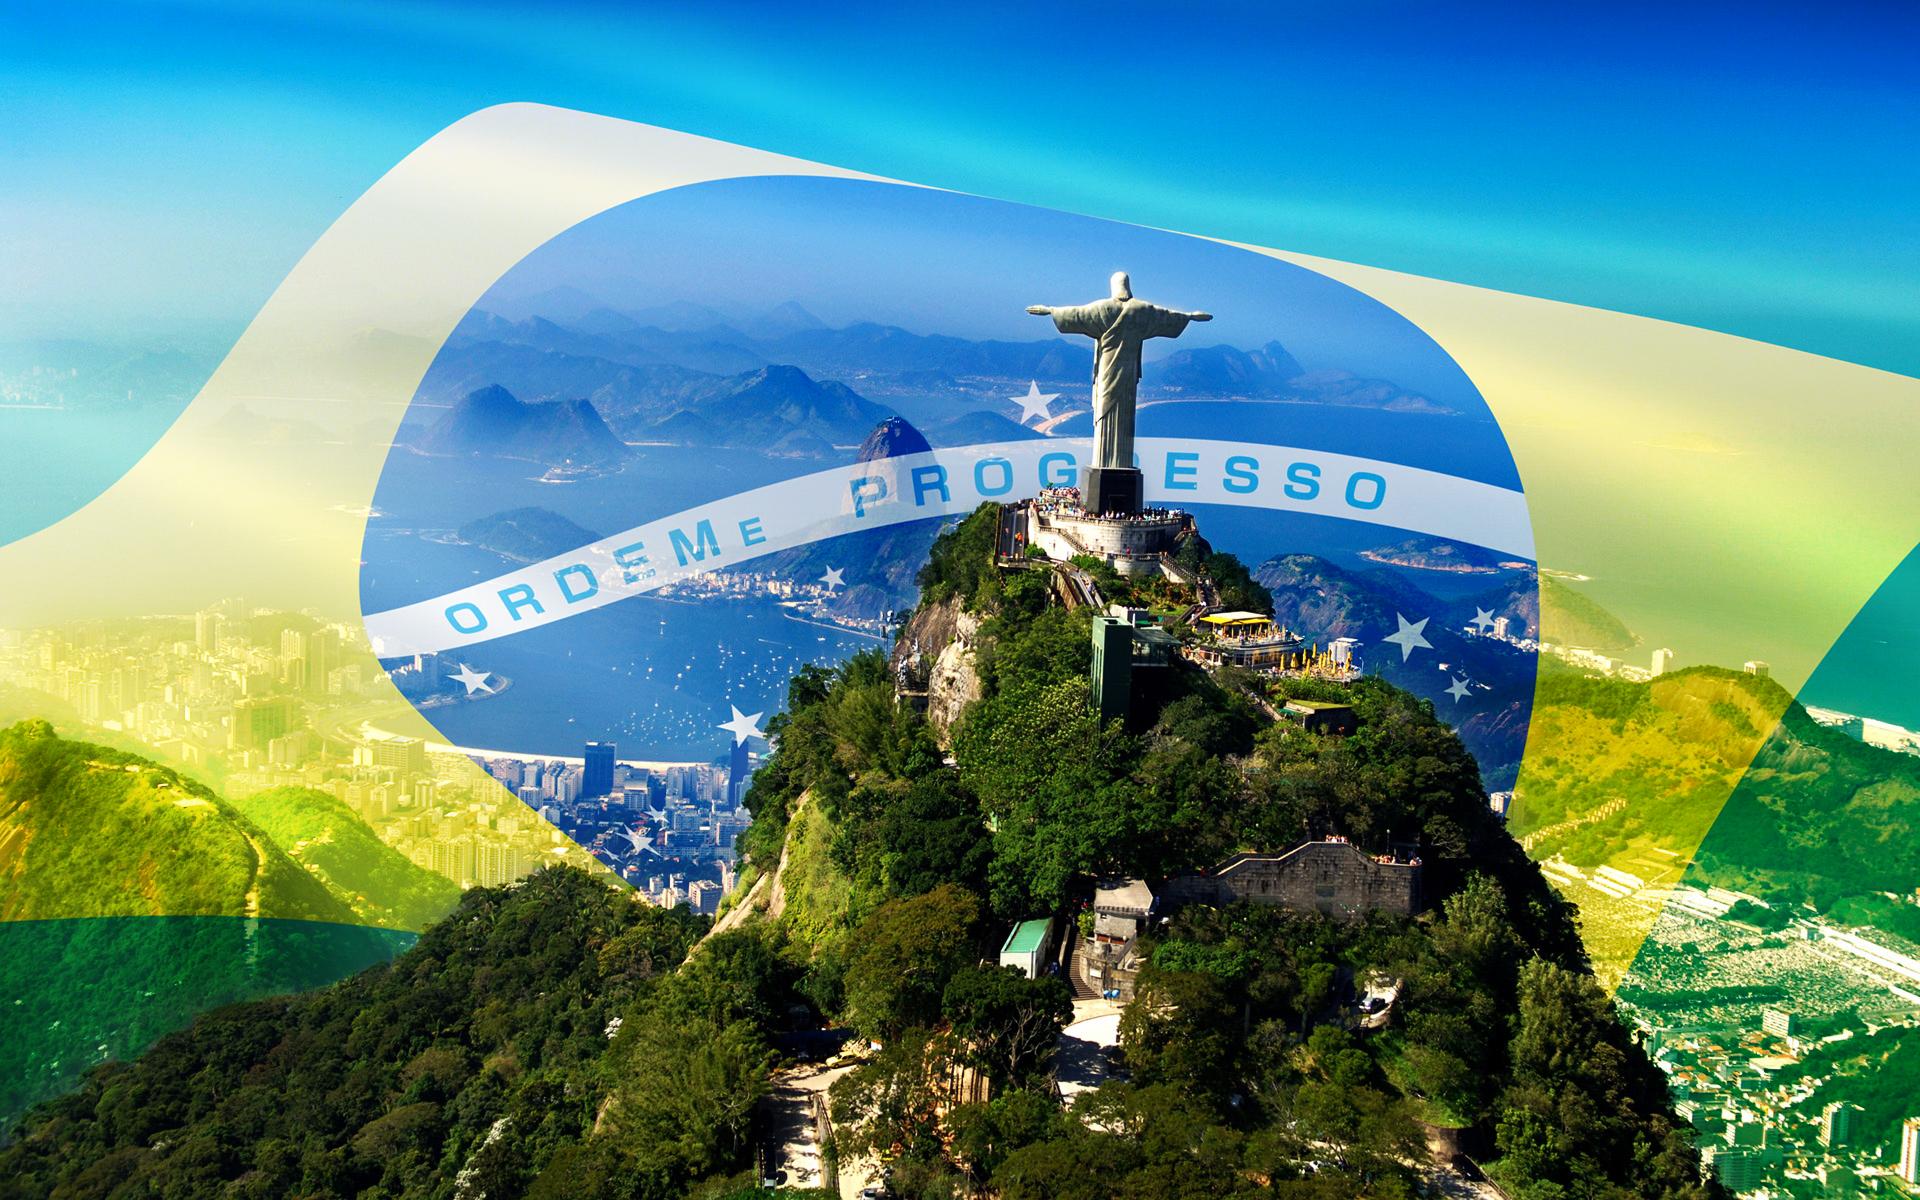 Brazil Rio De Janeiro Wallpaper By Bryanbarnard On Deviantart